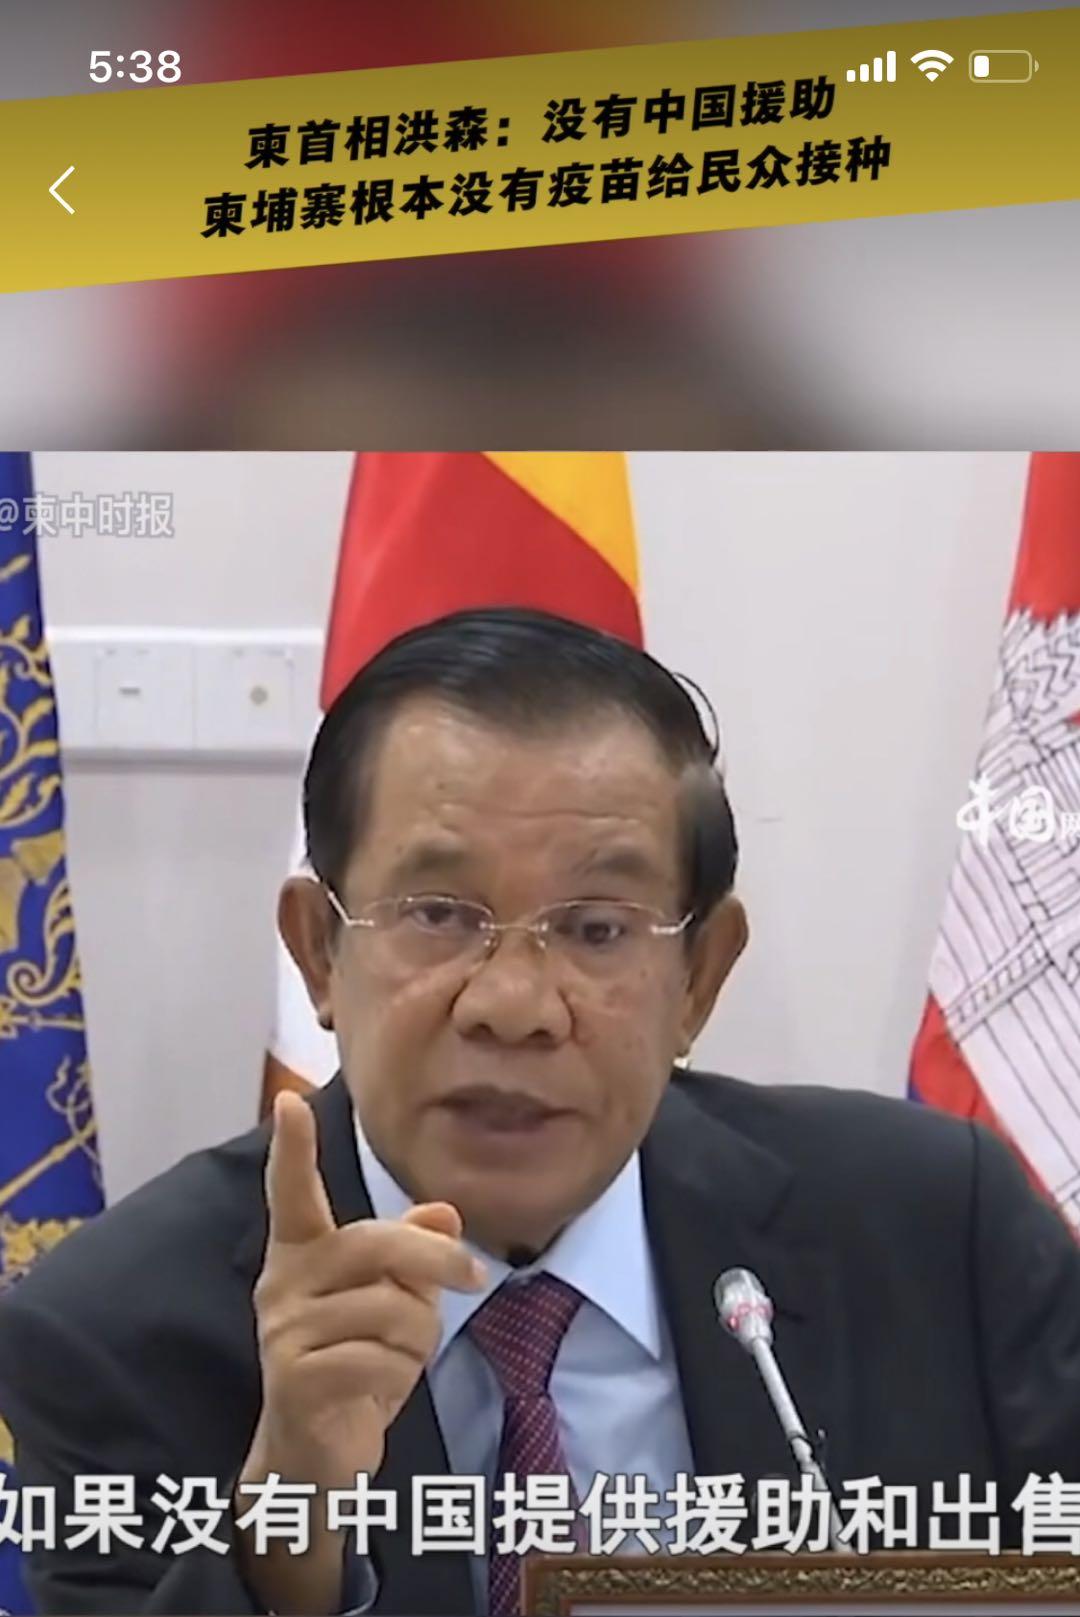 """柬埔寨首相洪森:""""柬埔寨不依靠中国,依靠谁?"""""""